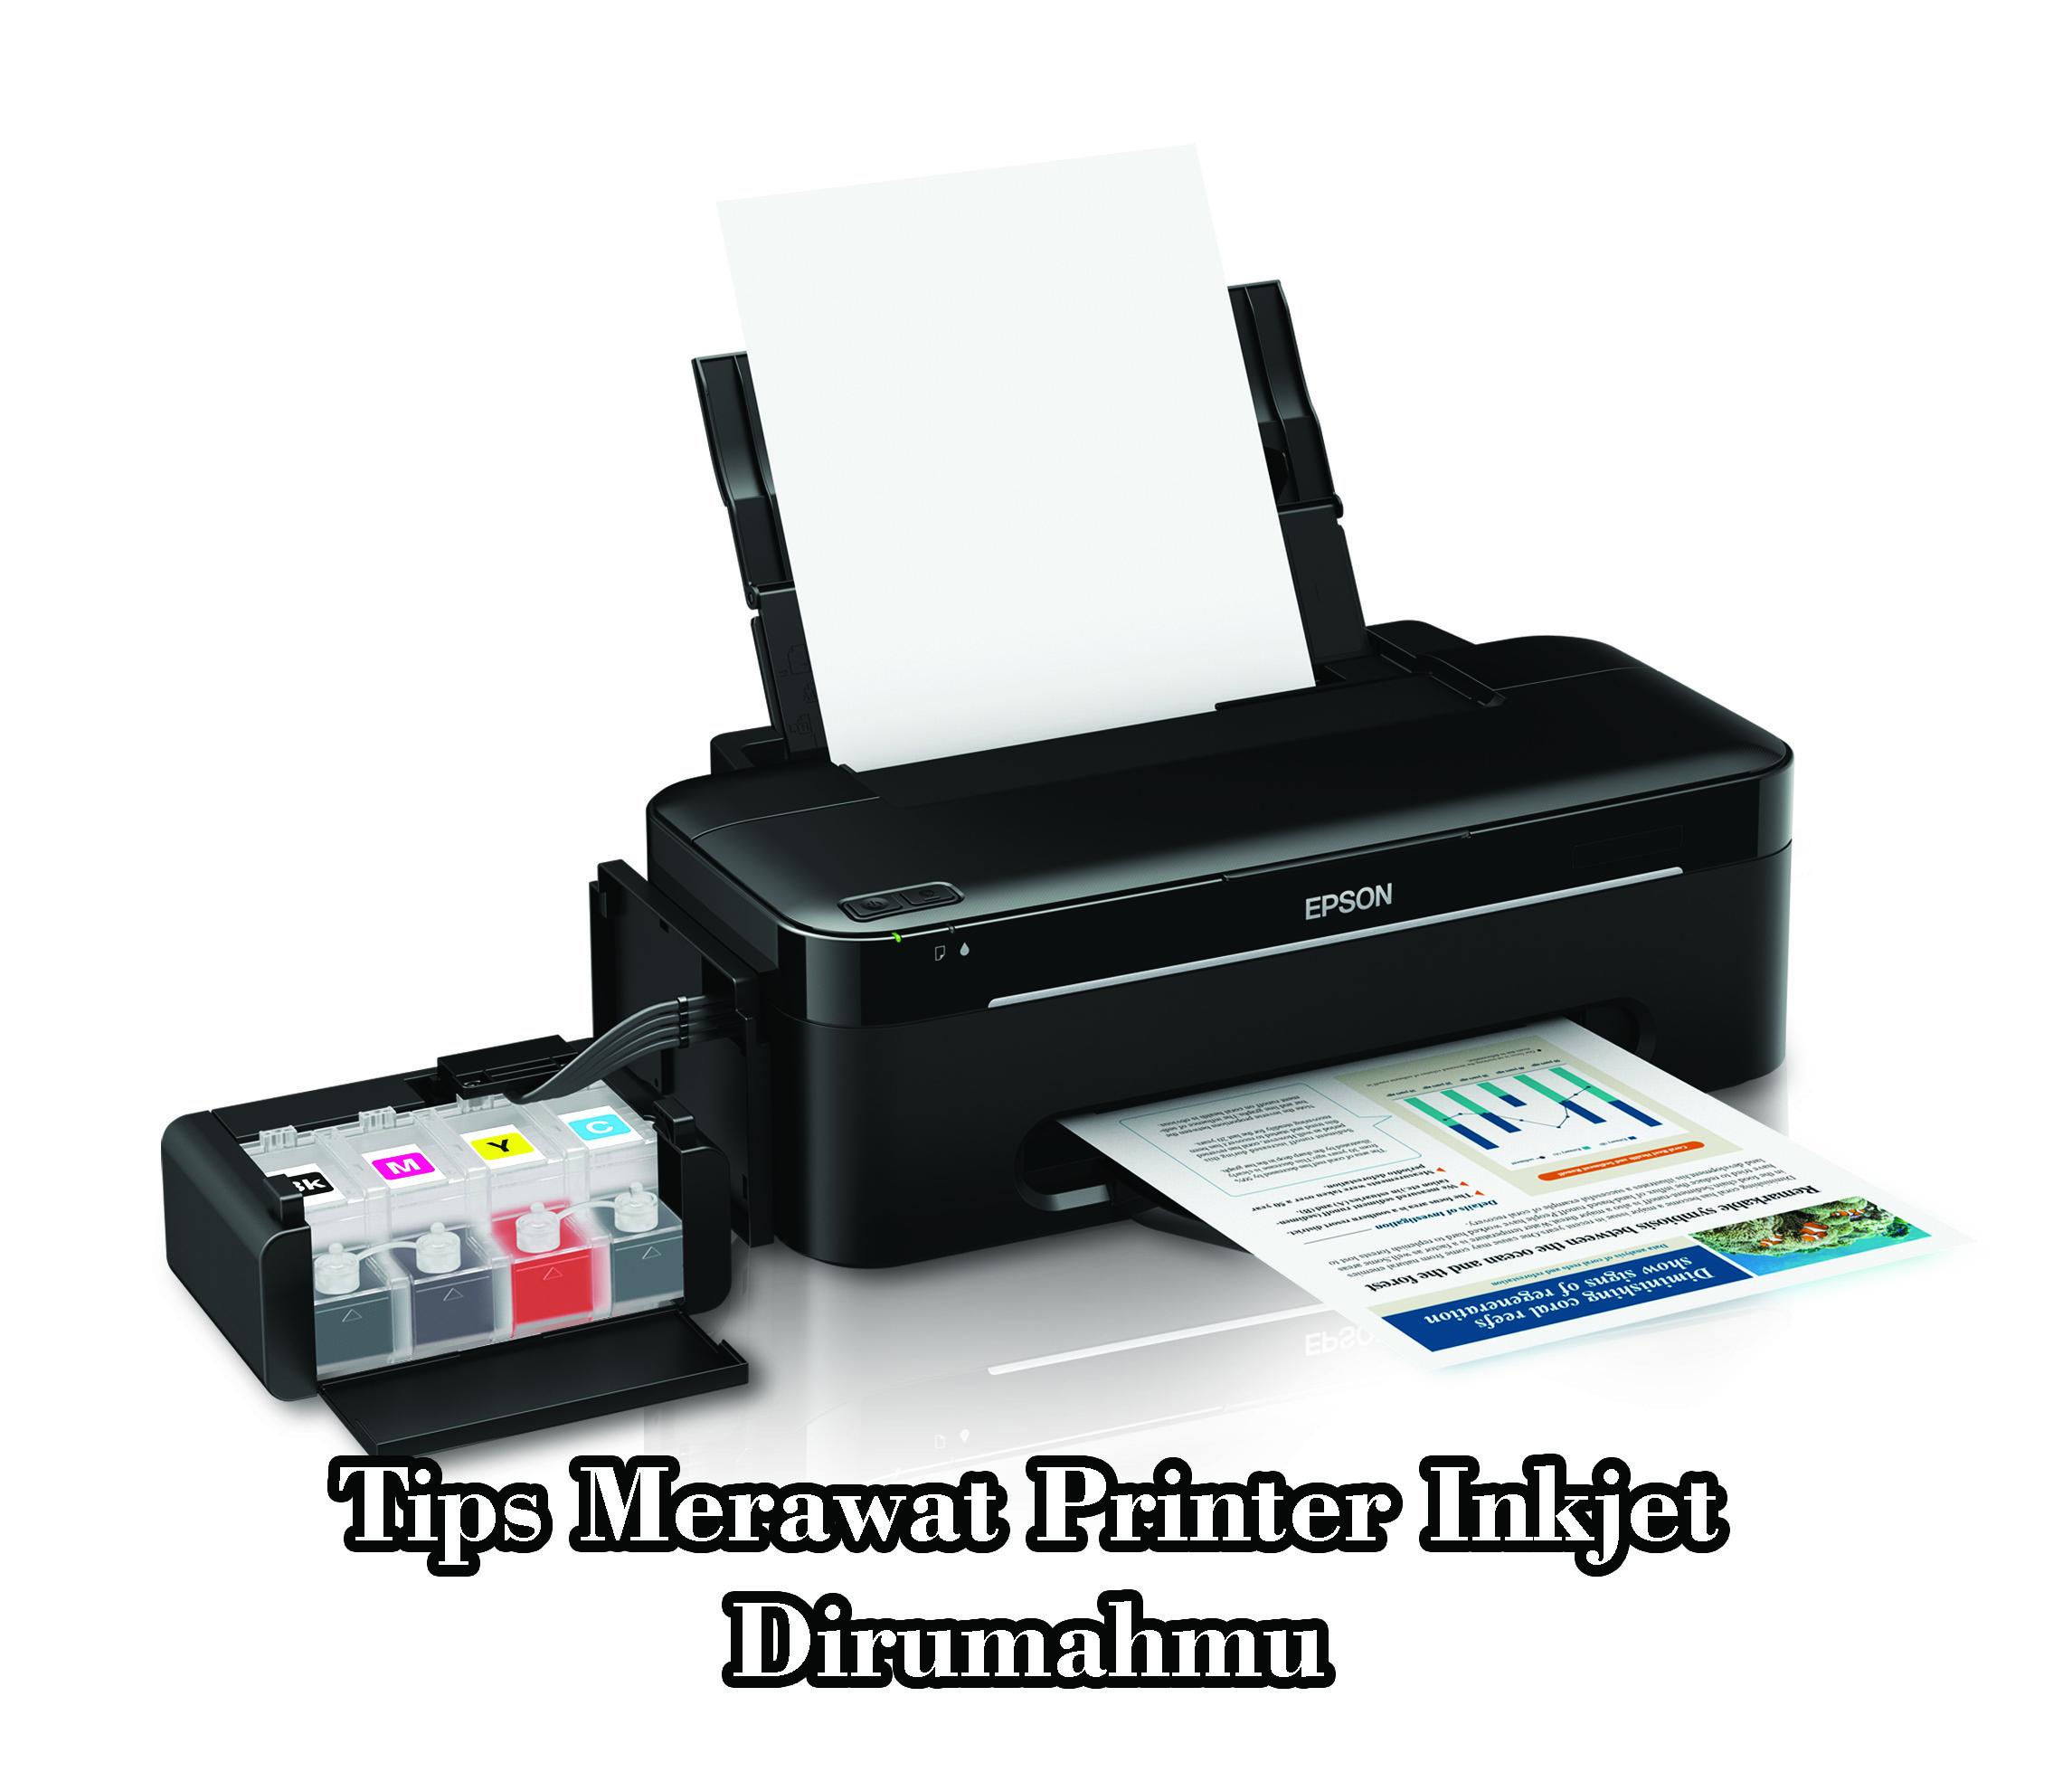 Tips Merawat Printer Inkjet Dirumahmu